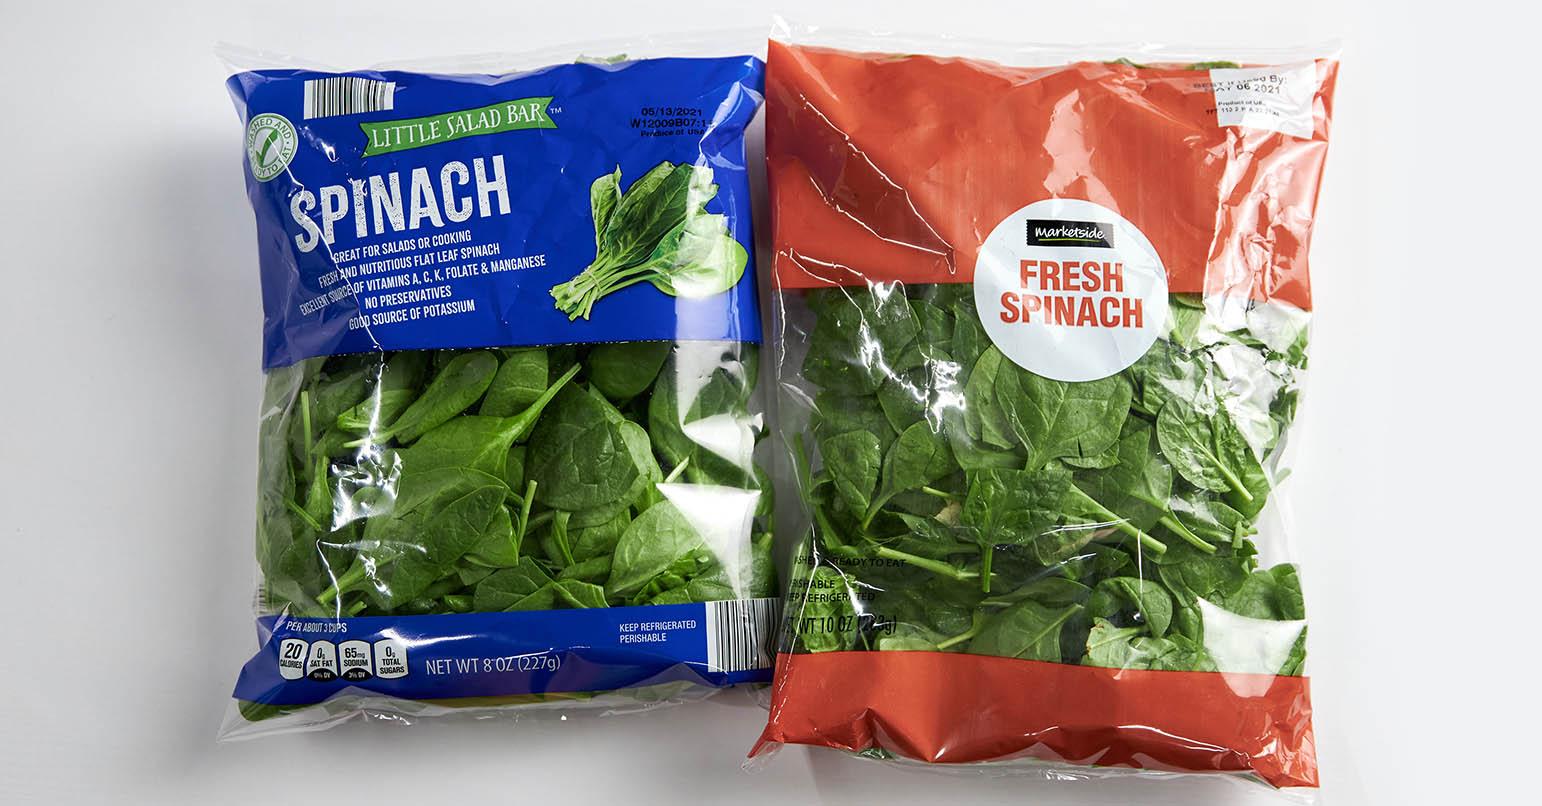 Aldi vs Walmart Spinach